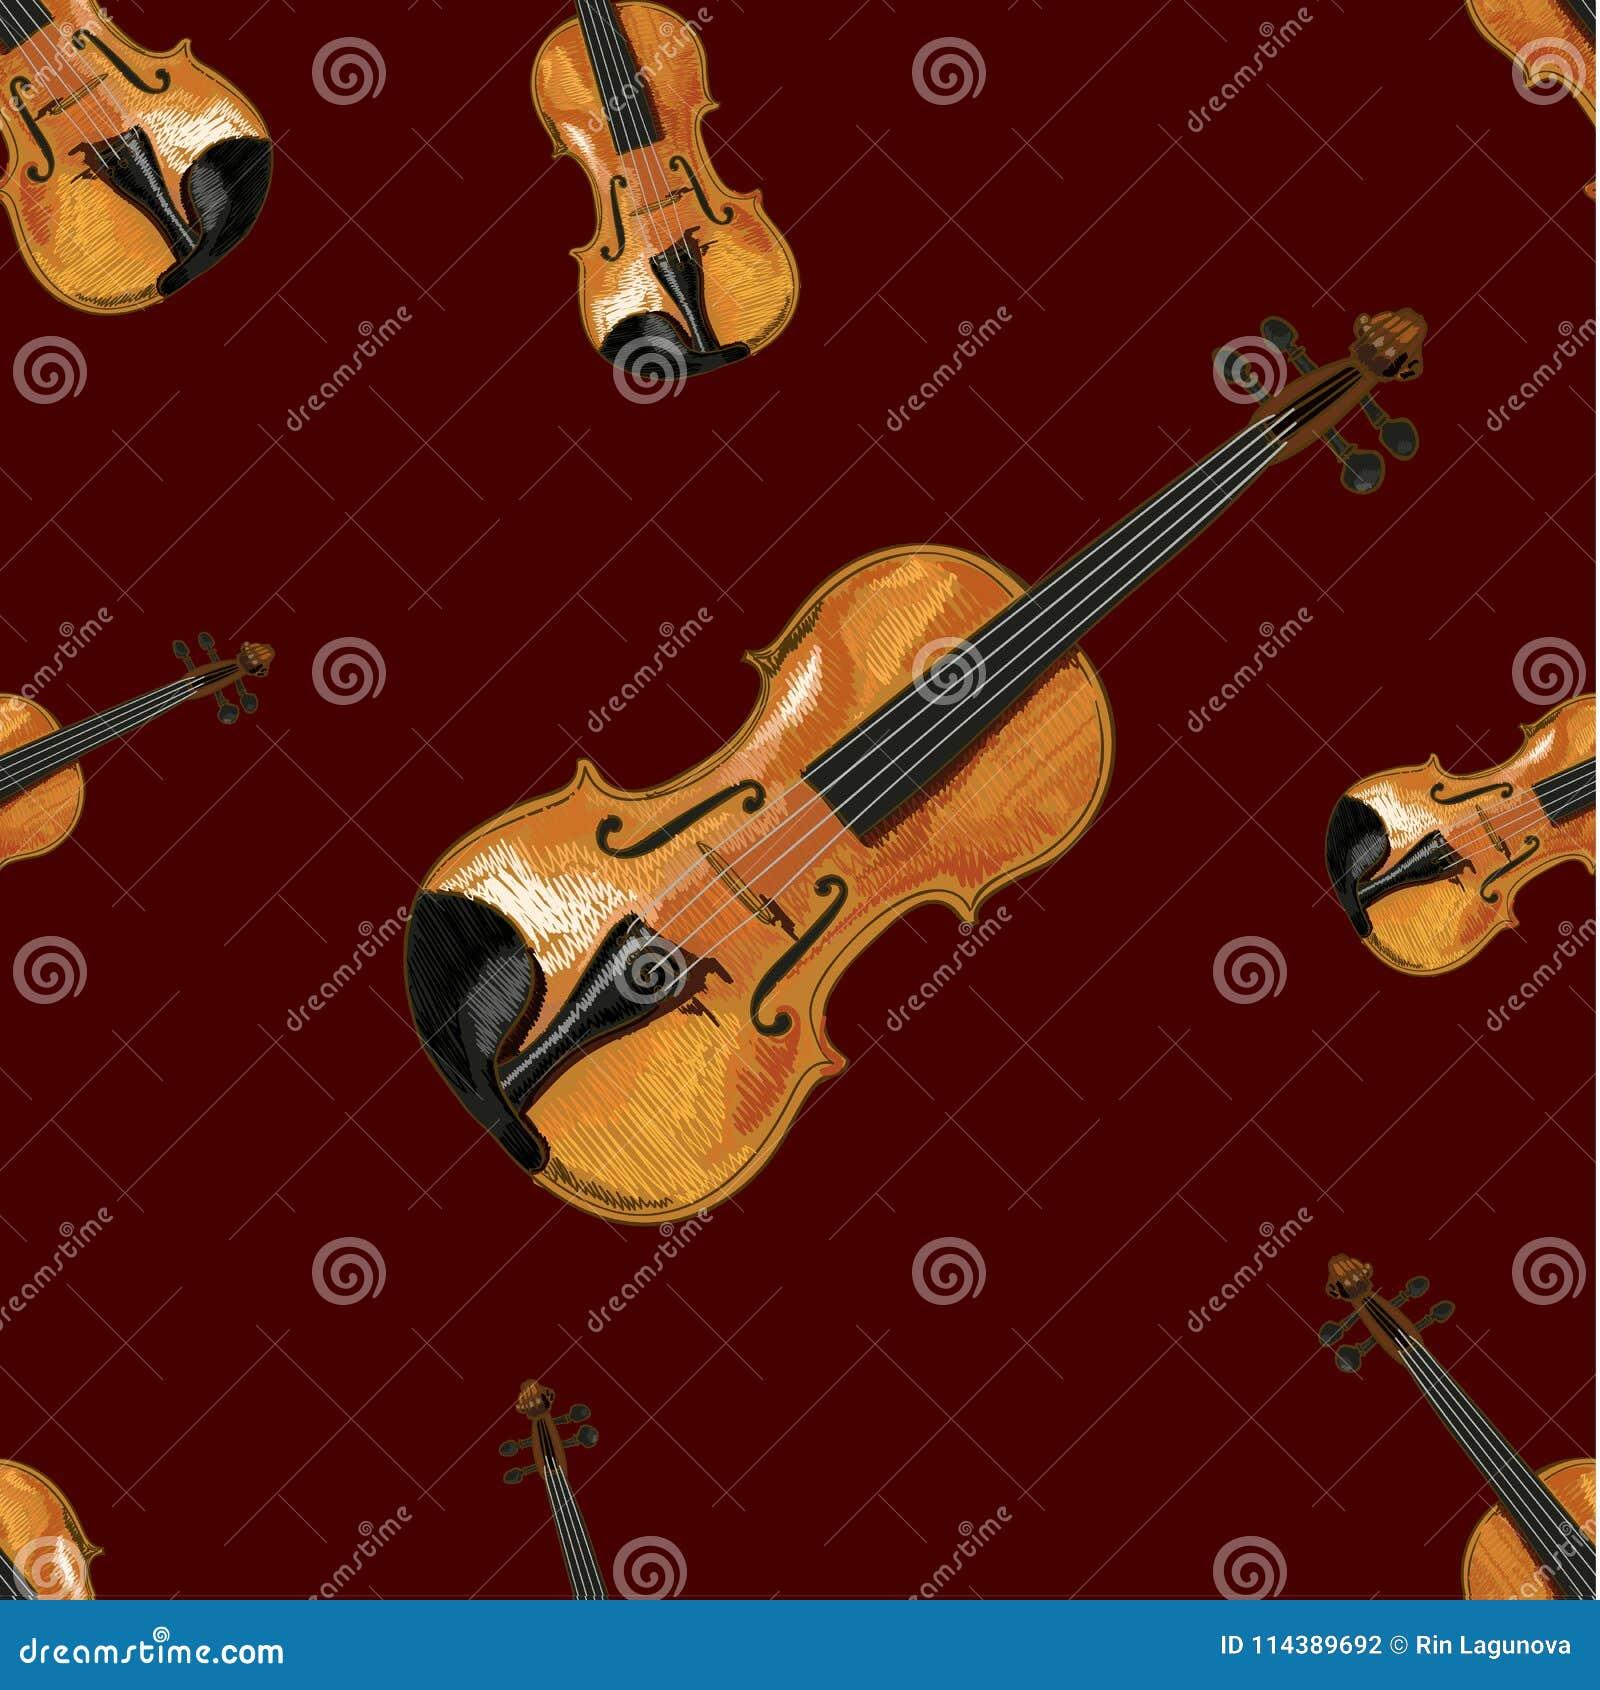 Modèle sans couture, VECTEUR Ilustration, violon sur le fond rouge foncé